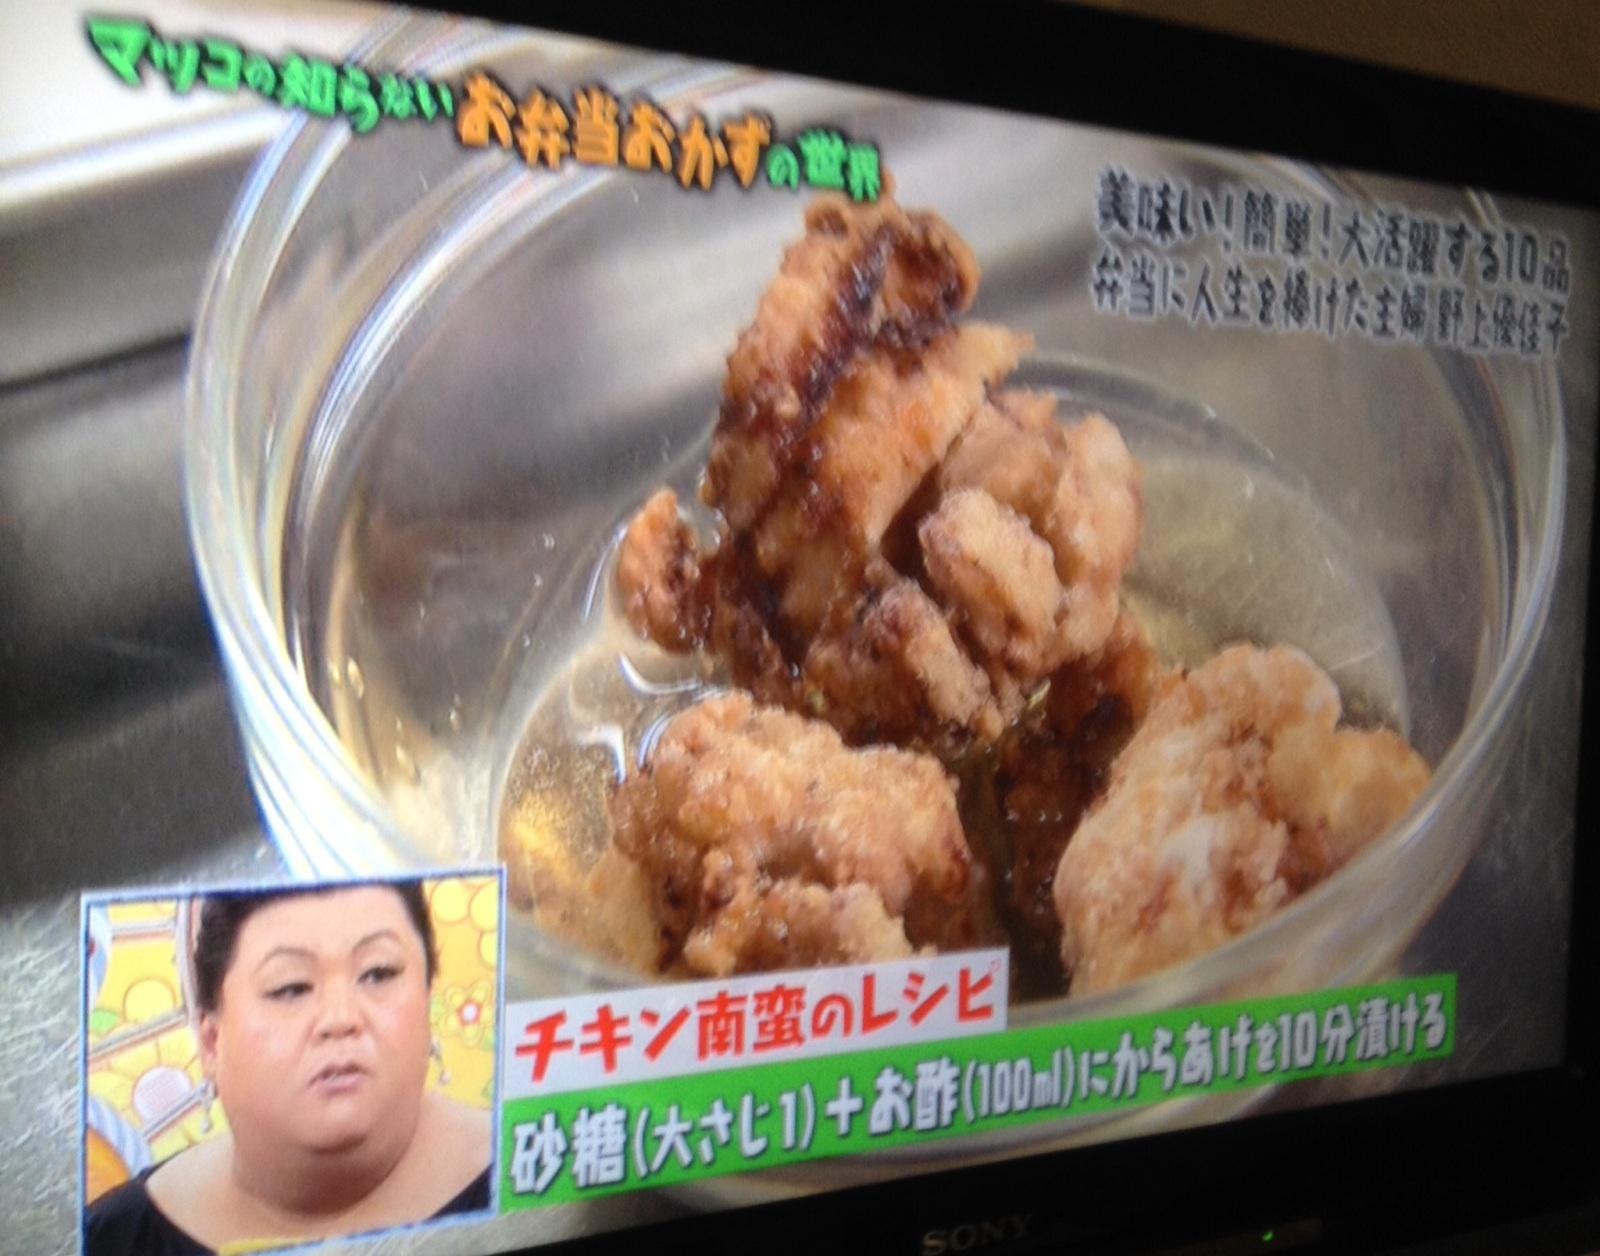 マツコデラックス×マツコの知らない世界×唐揚げレシピ2